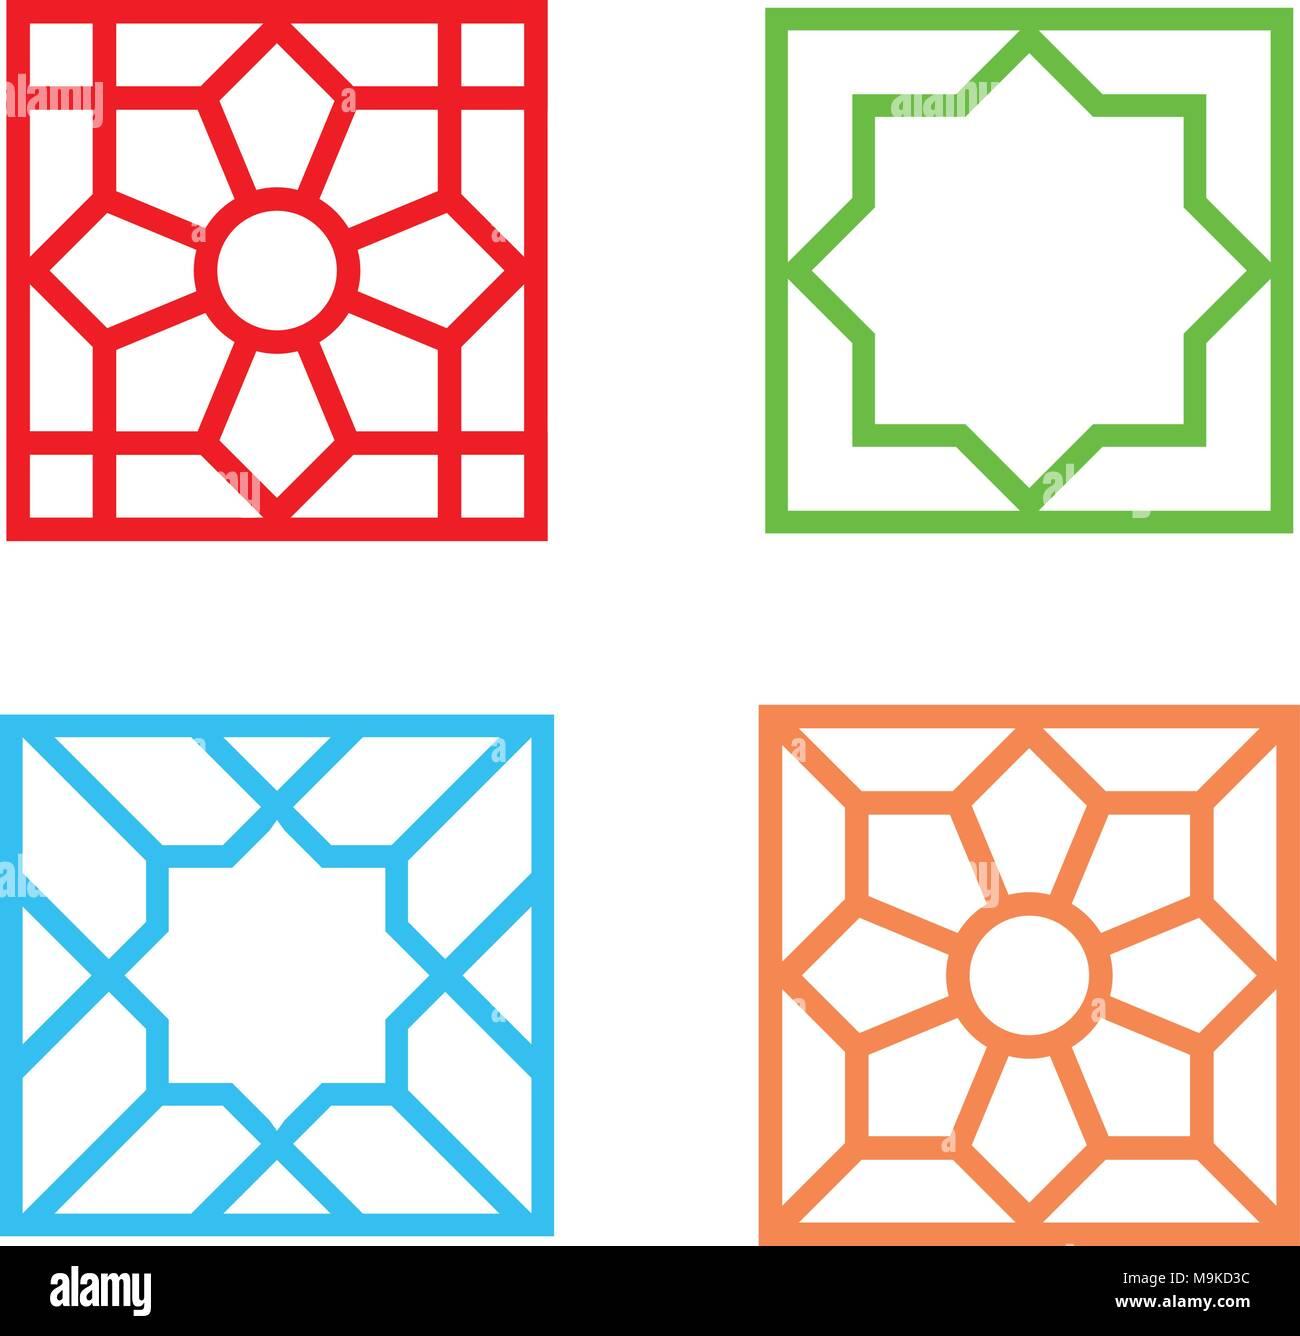 Islamic Square Tile Pattern On White Vector Art Design Stock Vector